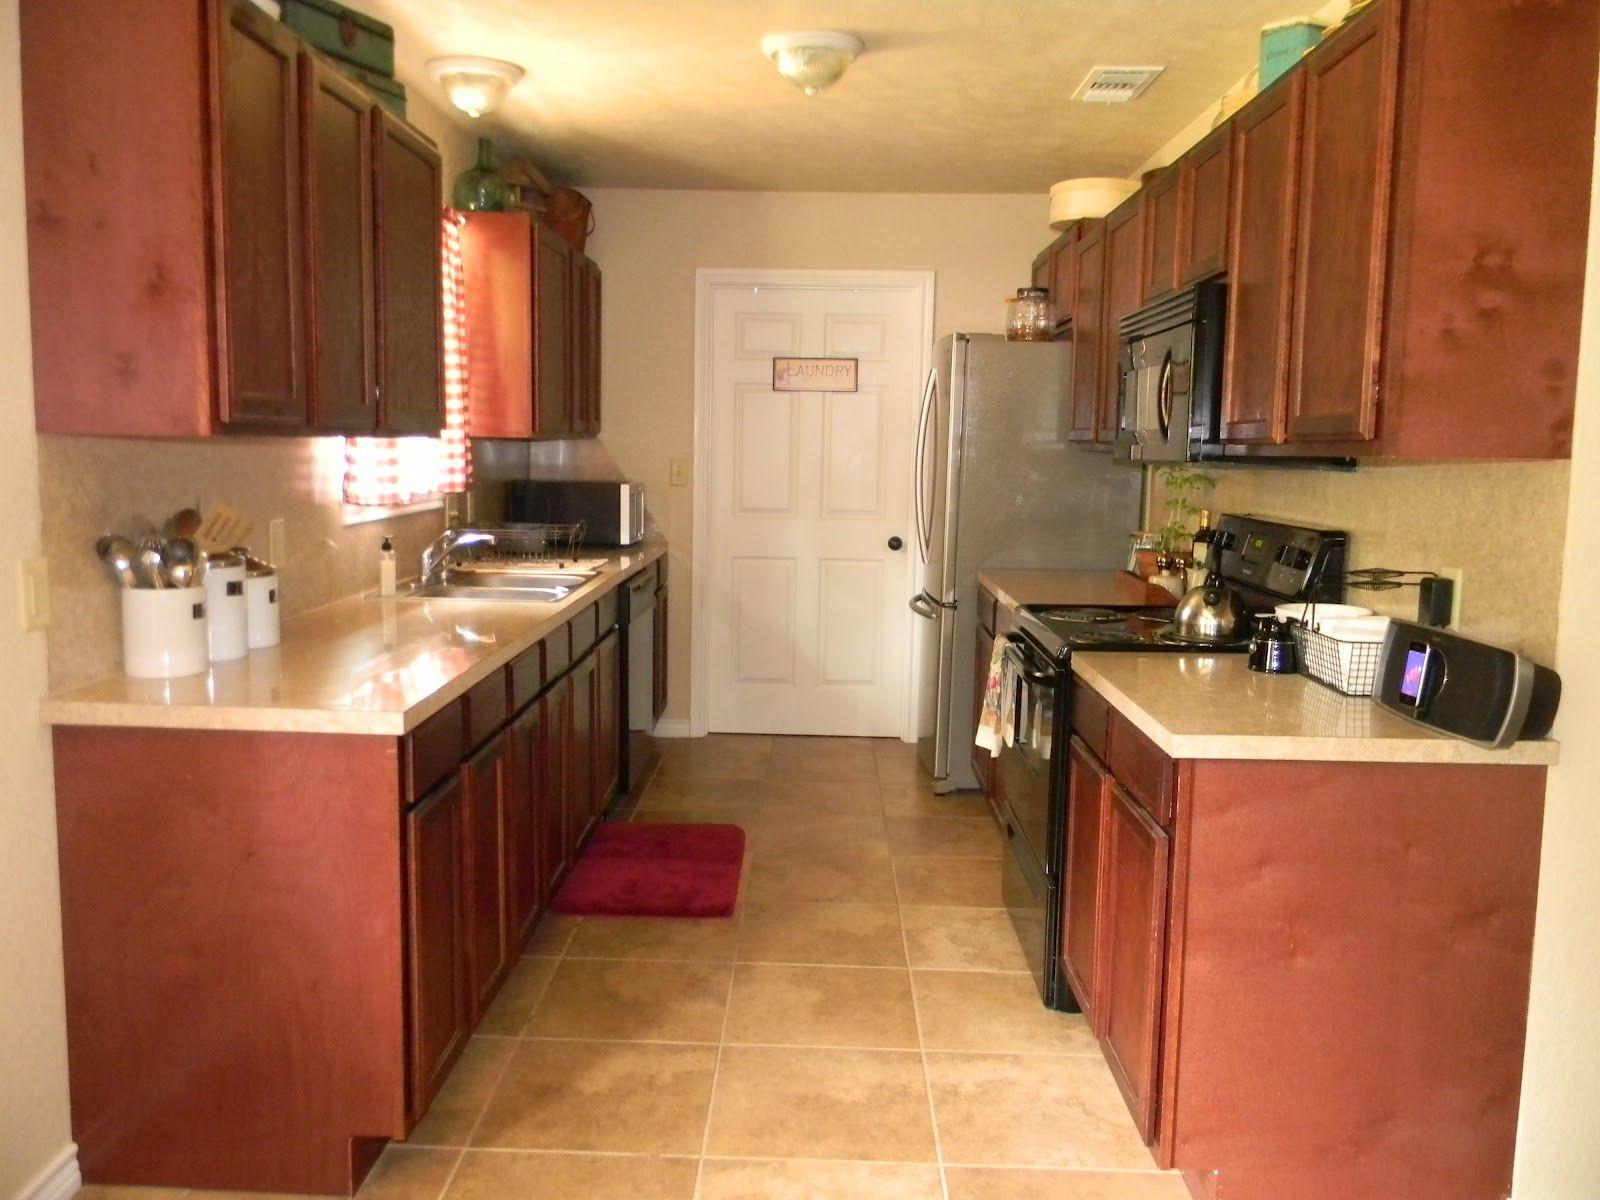 home design photos small galley kitchen galley kitchen ideas ...   {Pantryküche design 51}